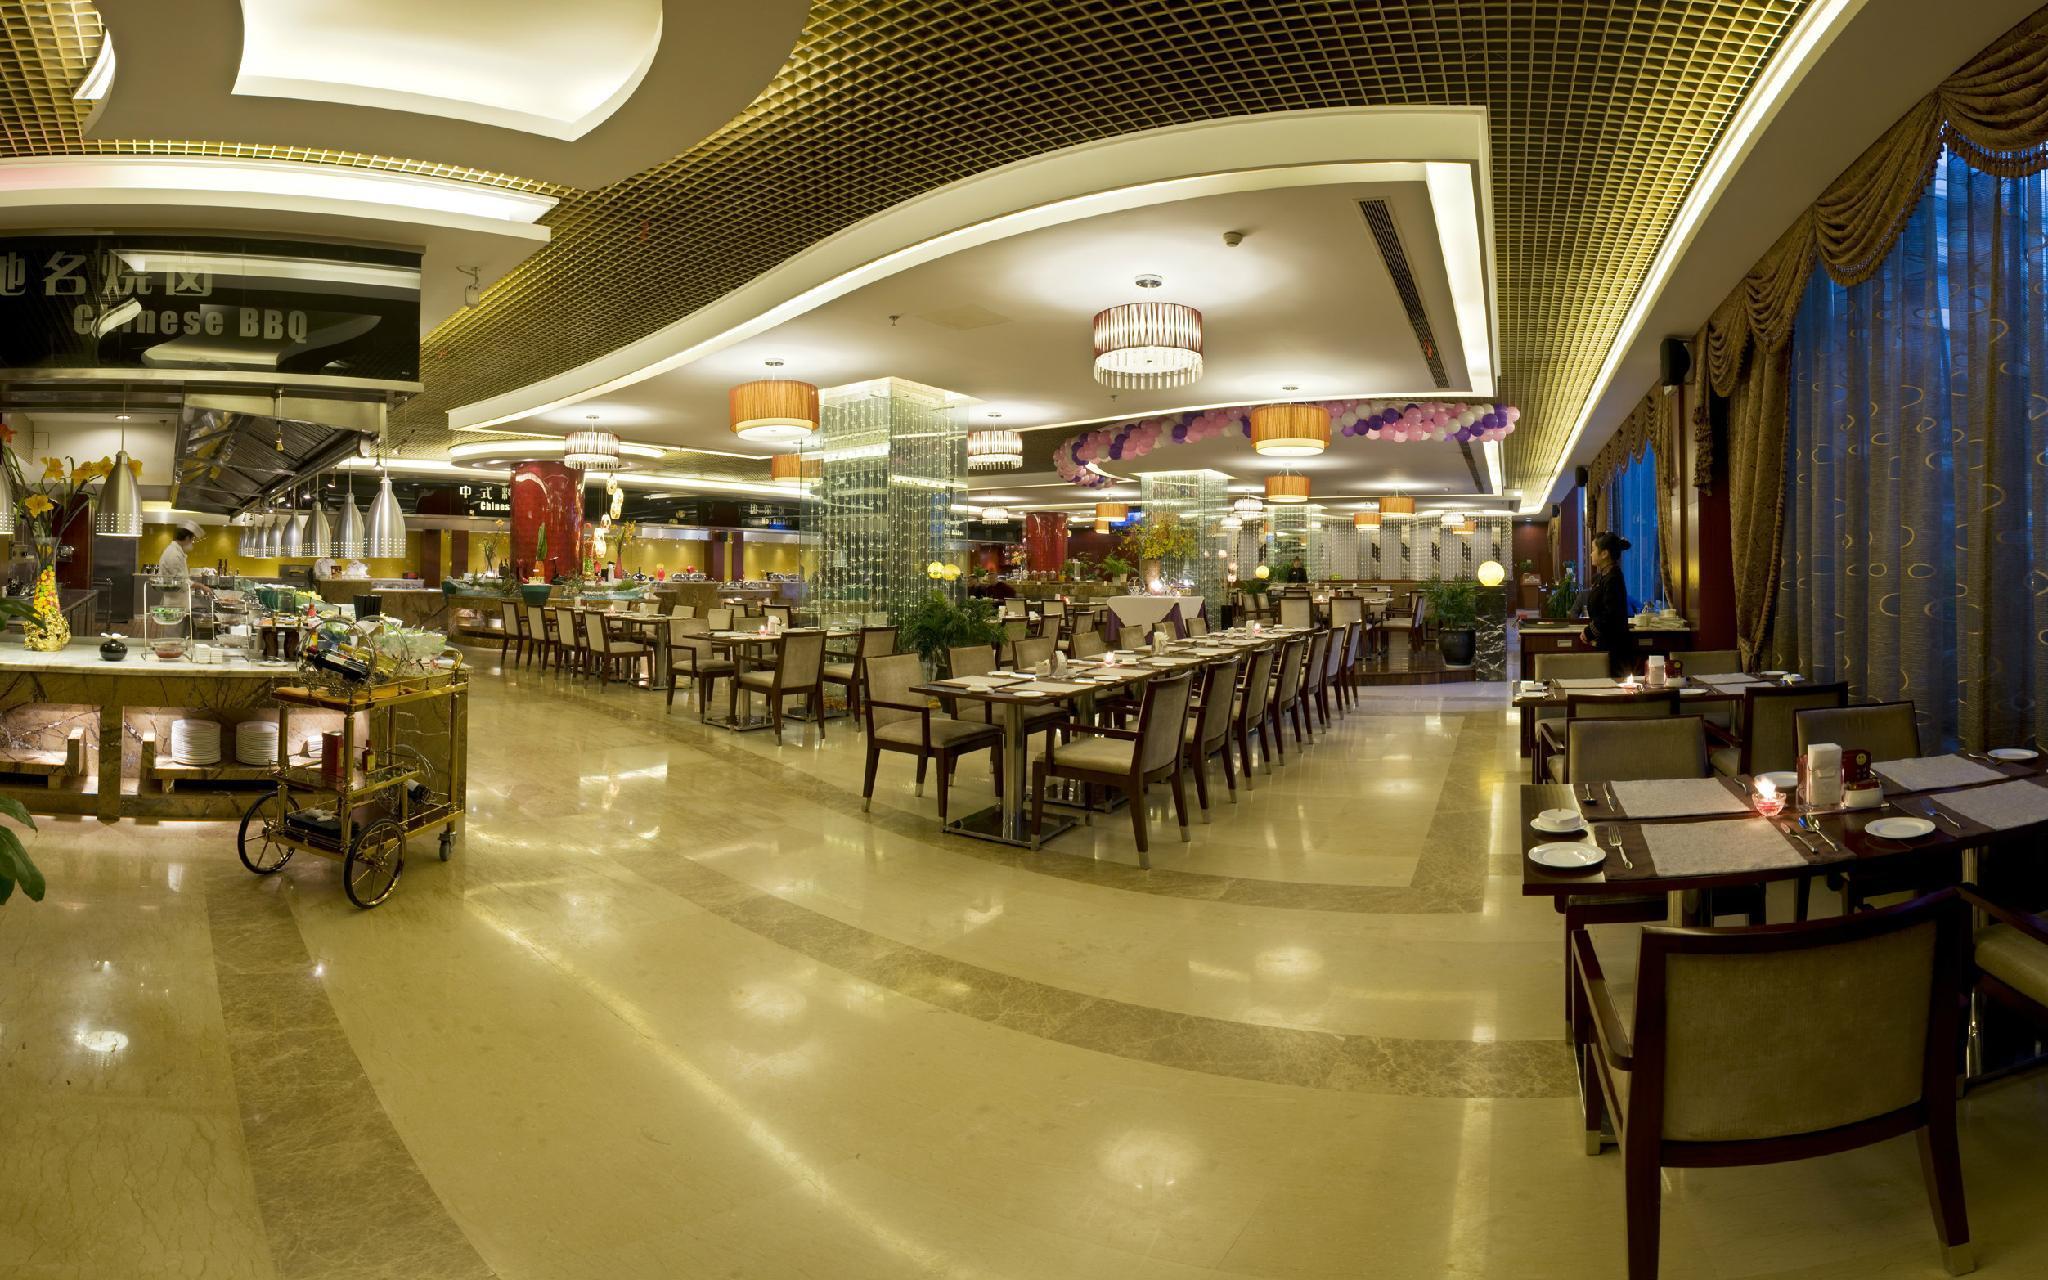 Kunming Yunan Conference Hotel